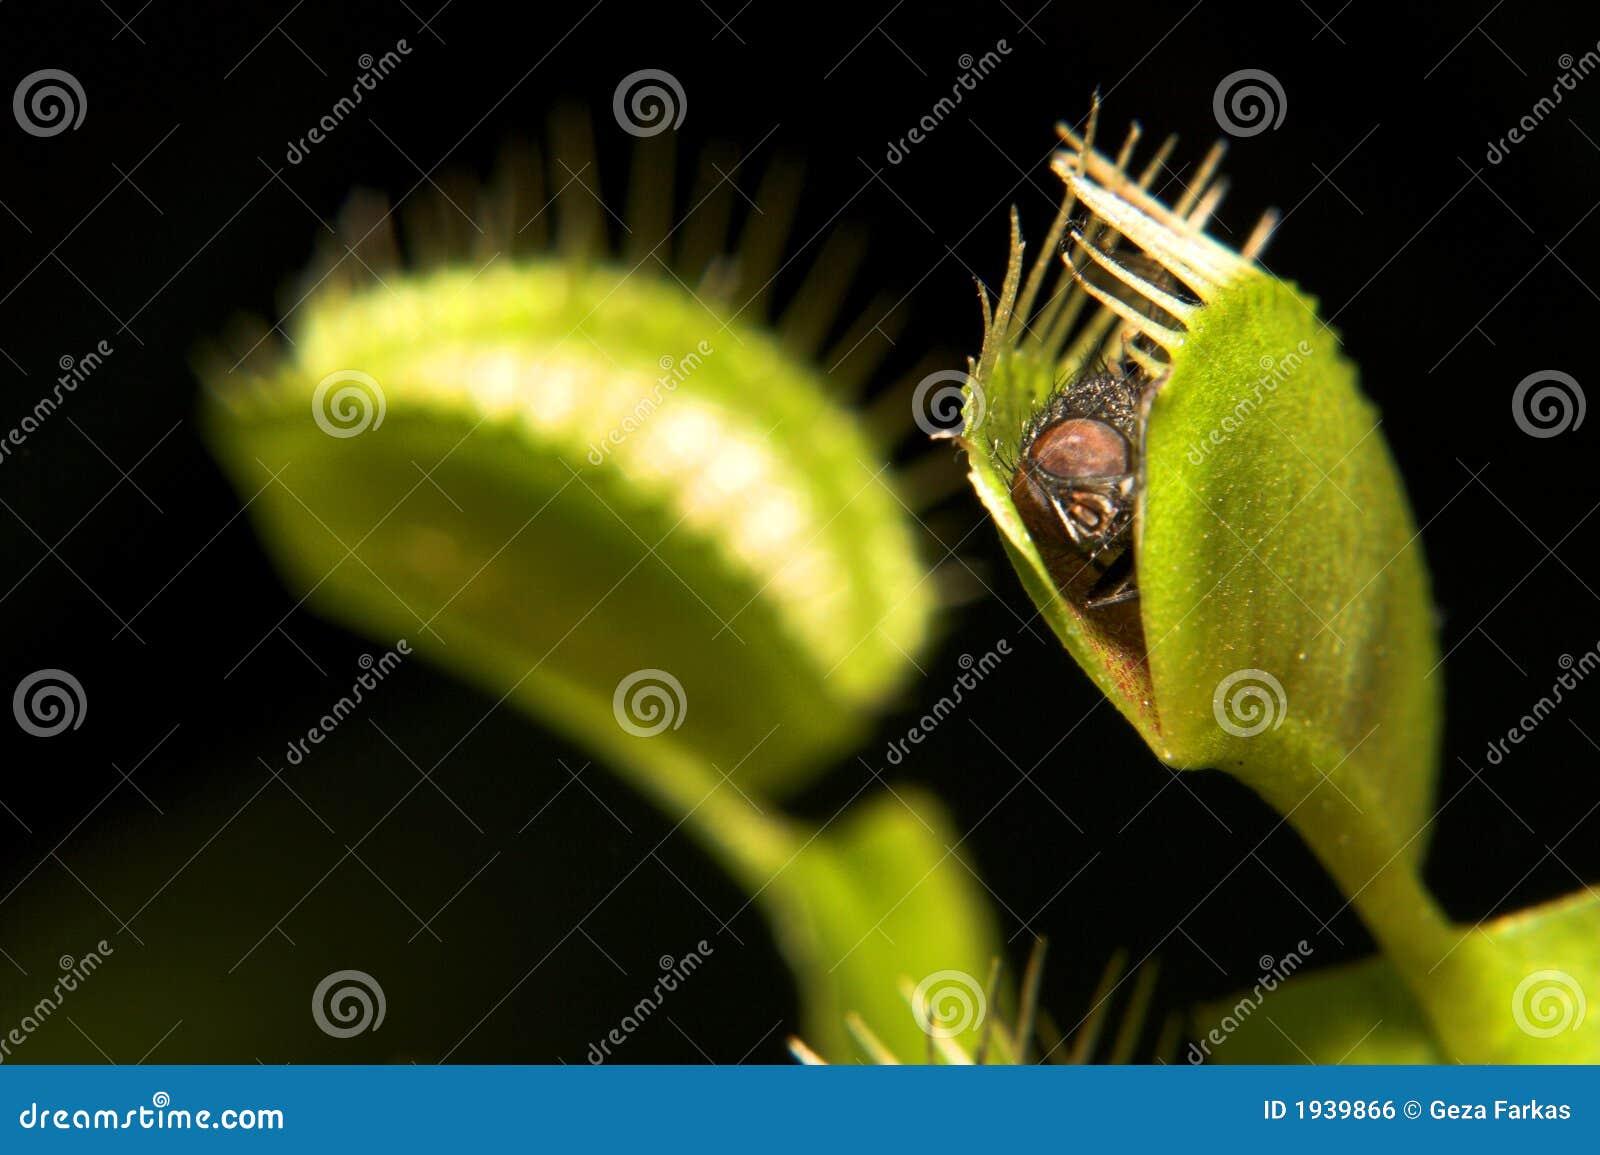 Flytrap venus